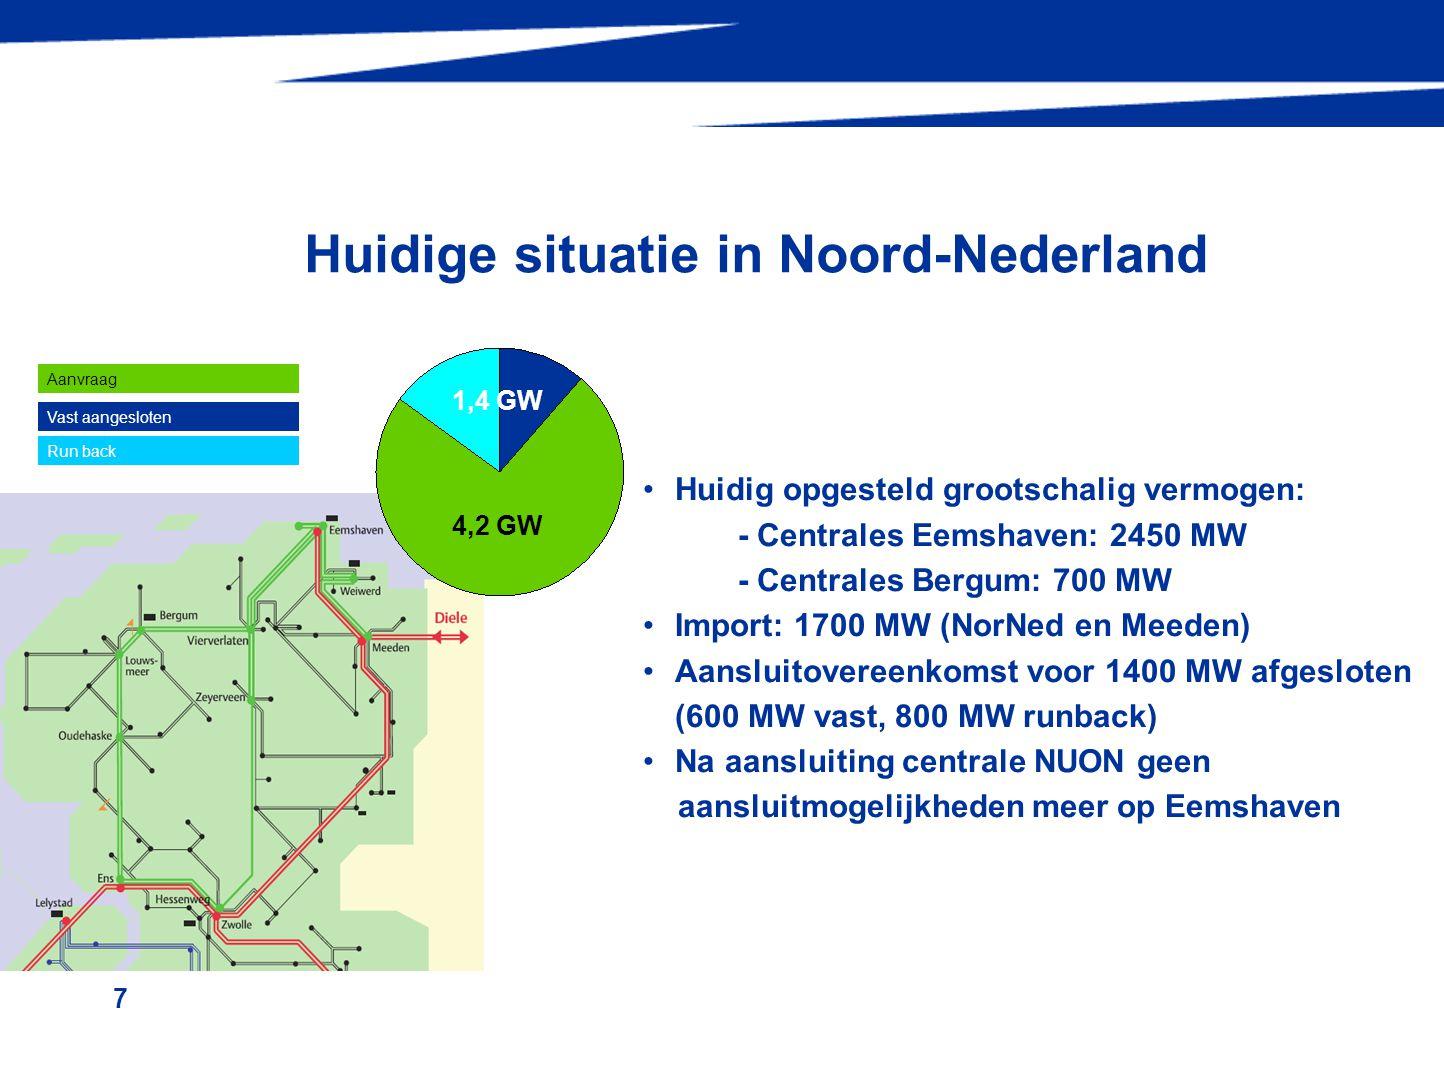 Huidige situatie in Noord-Nederland